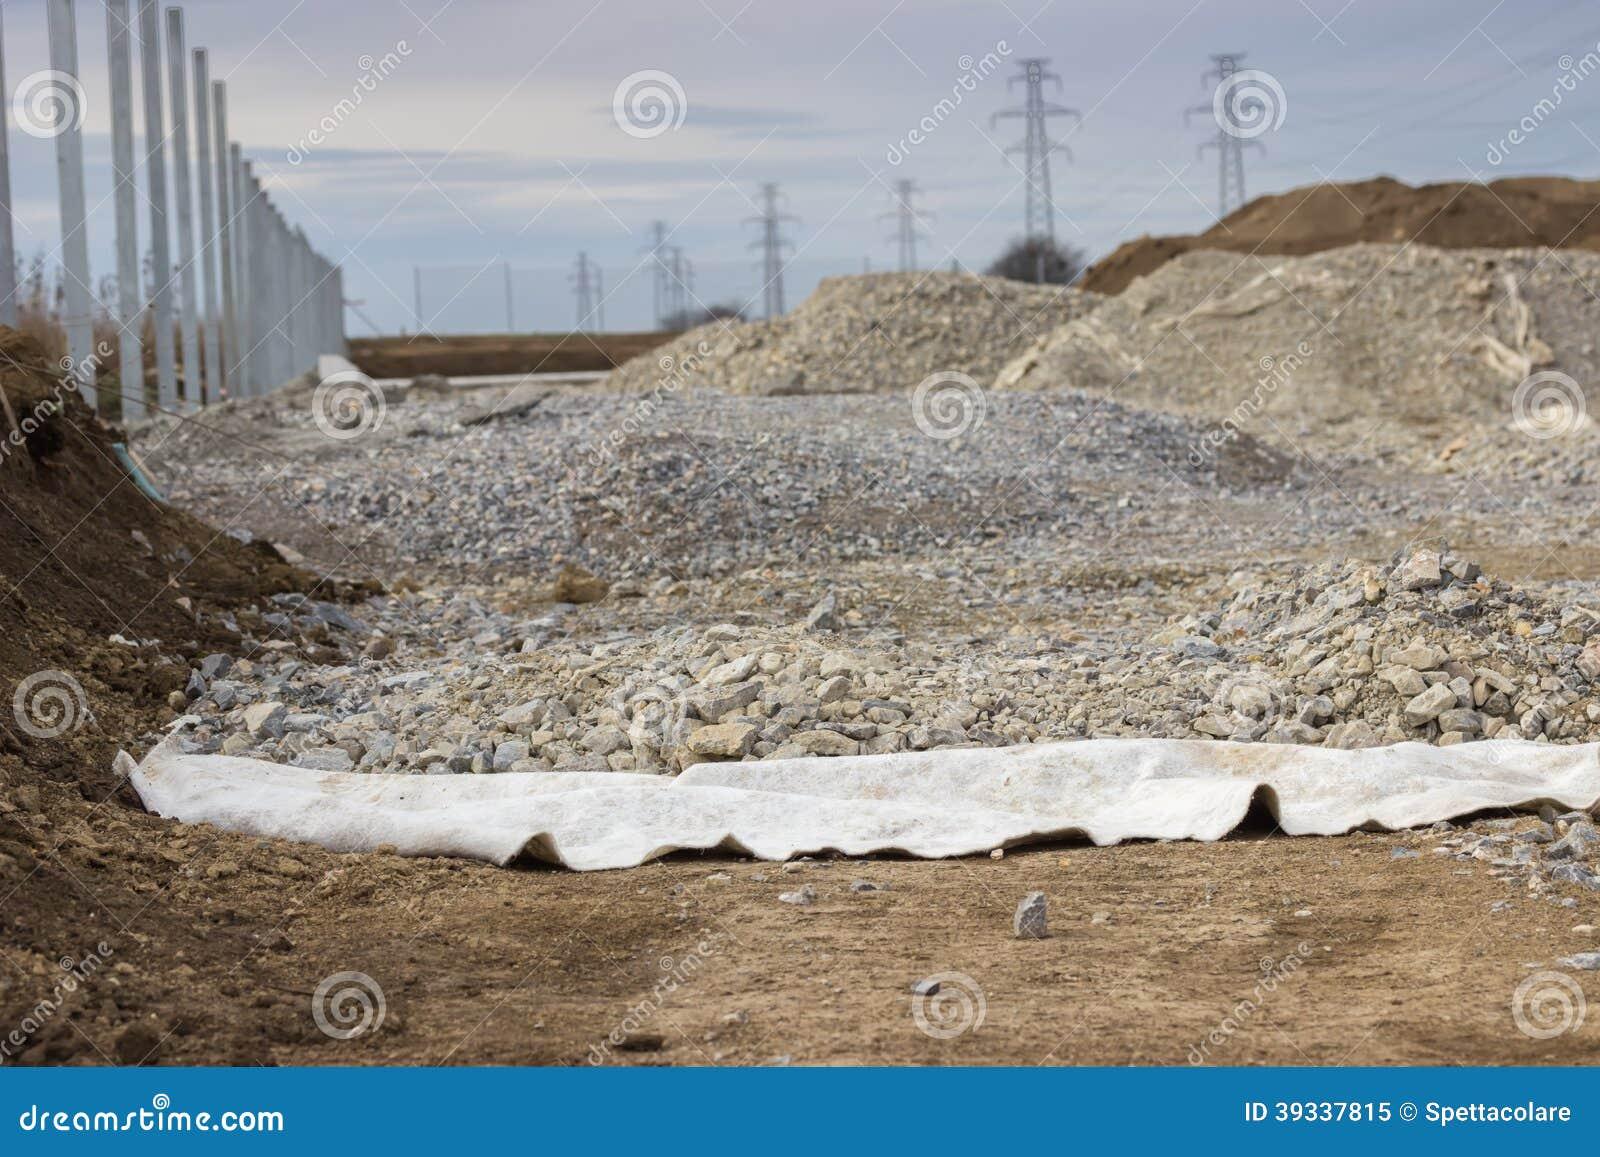 Geotextil usado en la construcción de carreteras